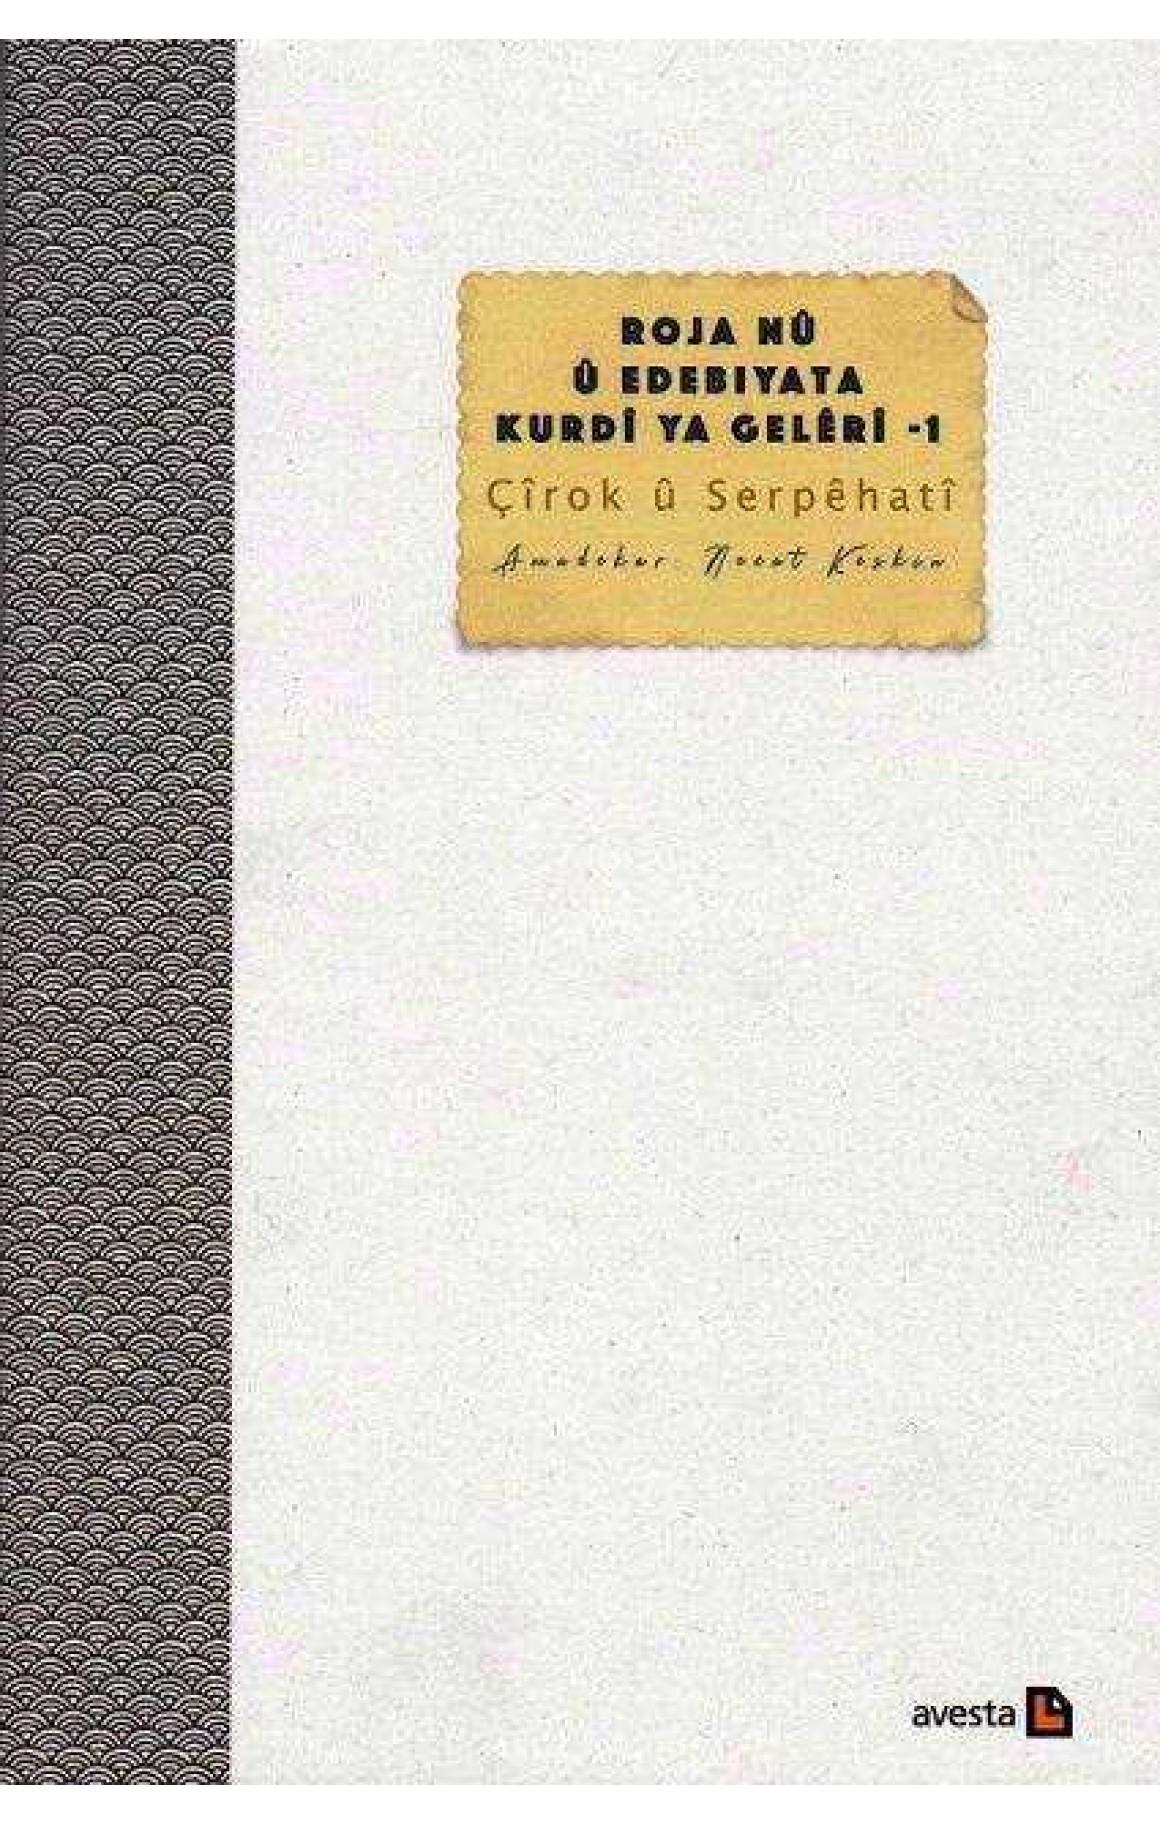 Roja Nû û Edebiyata Kurdî ya Gelêrî - 1 Çîrok û Serpêhatî